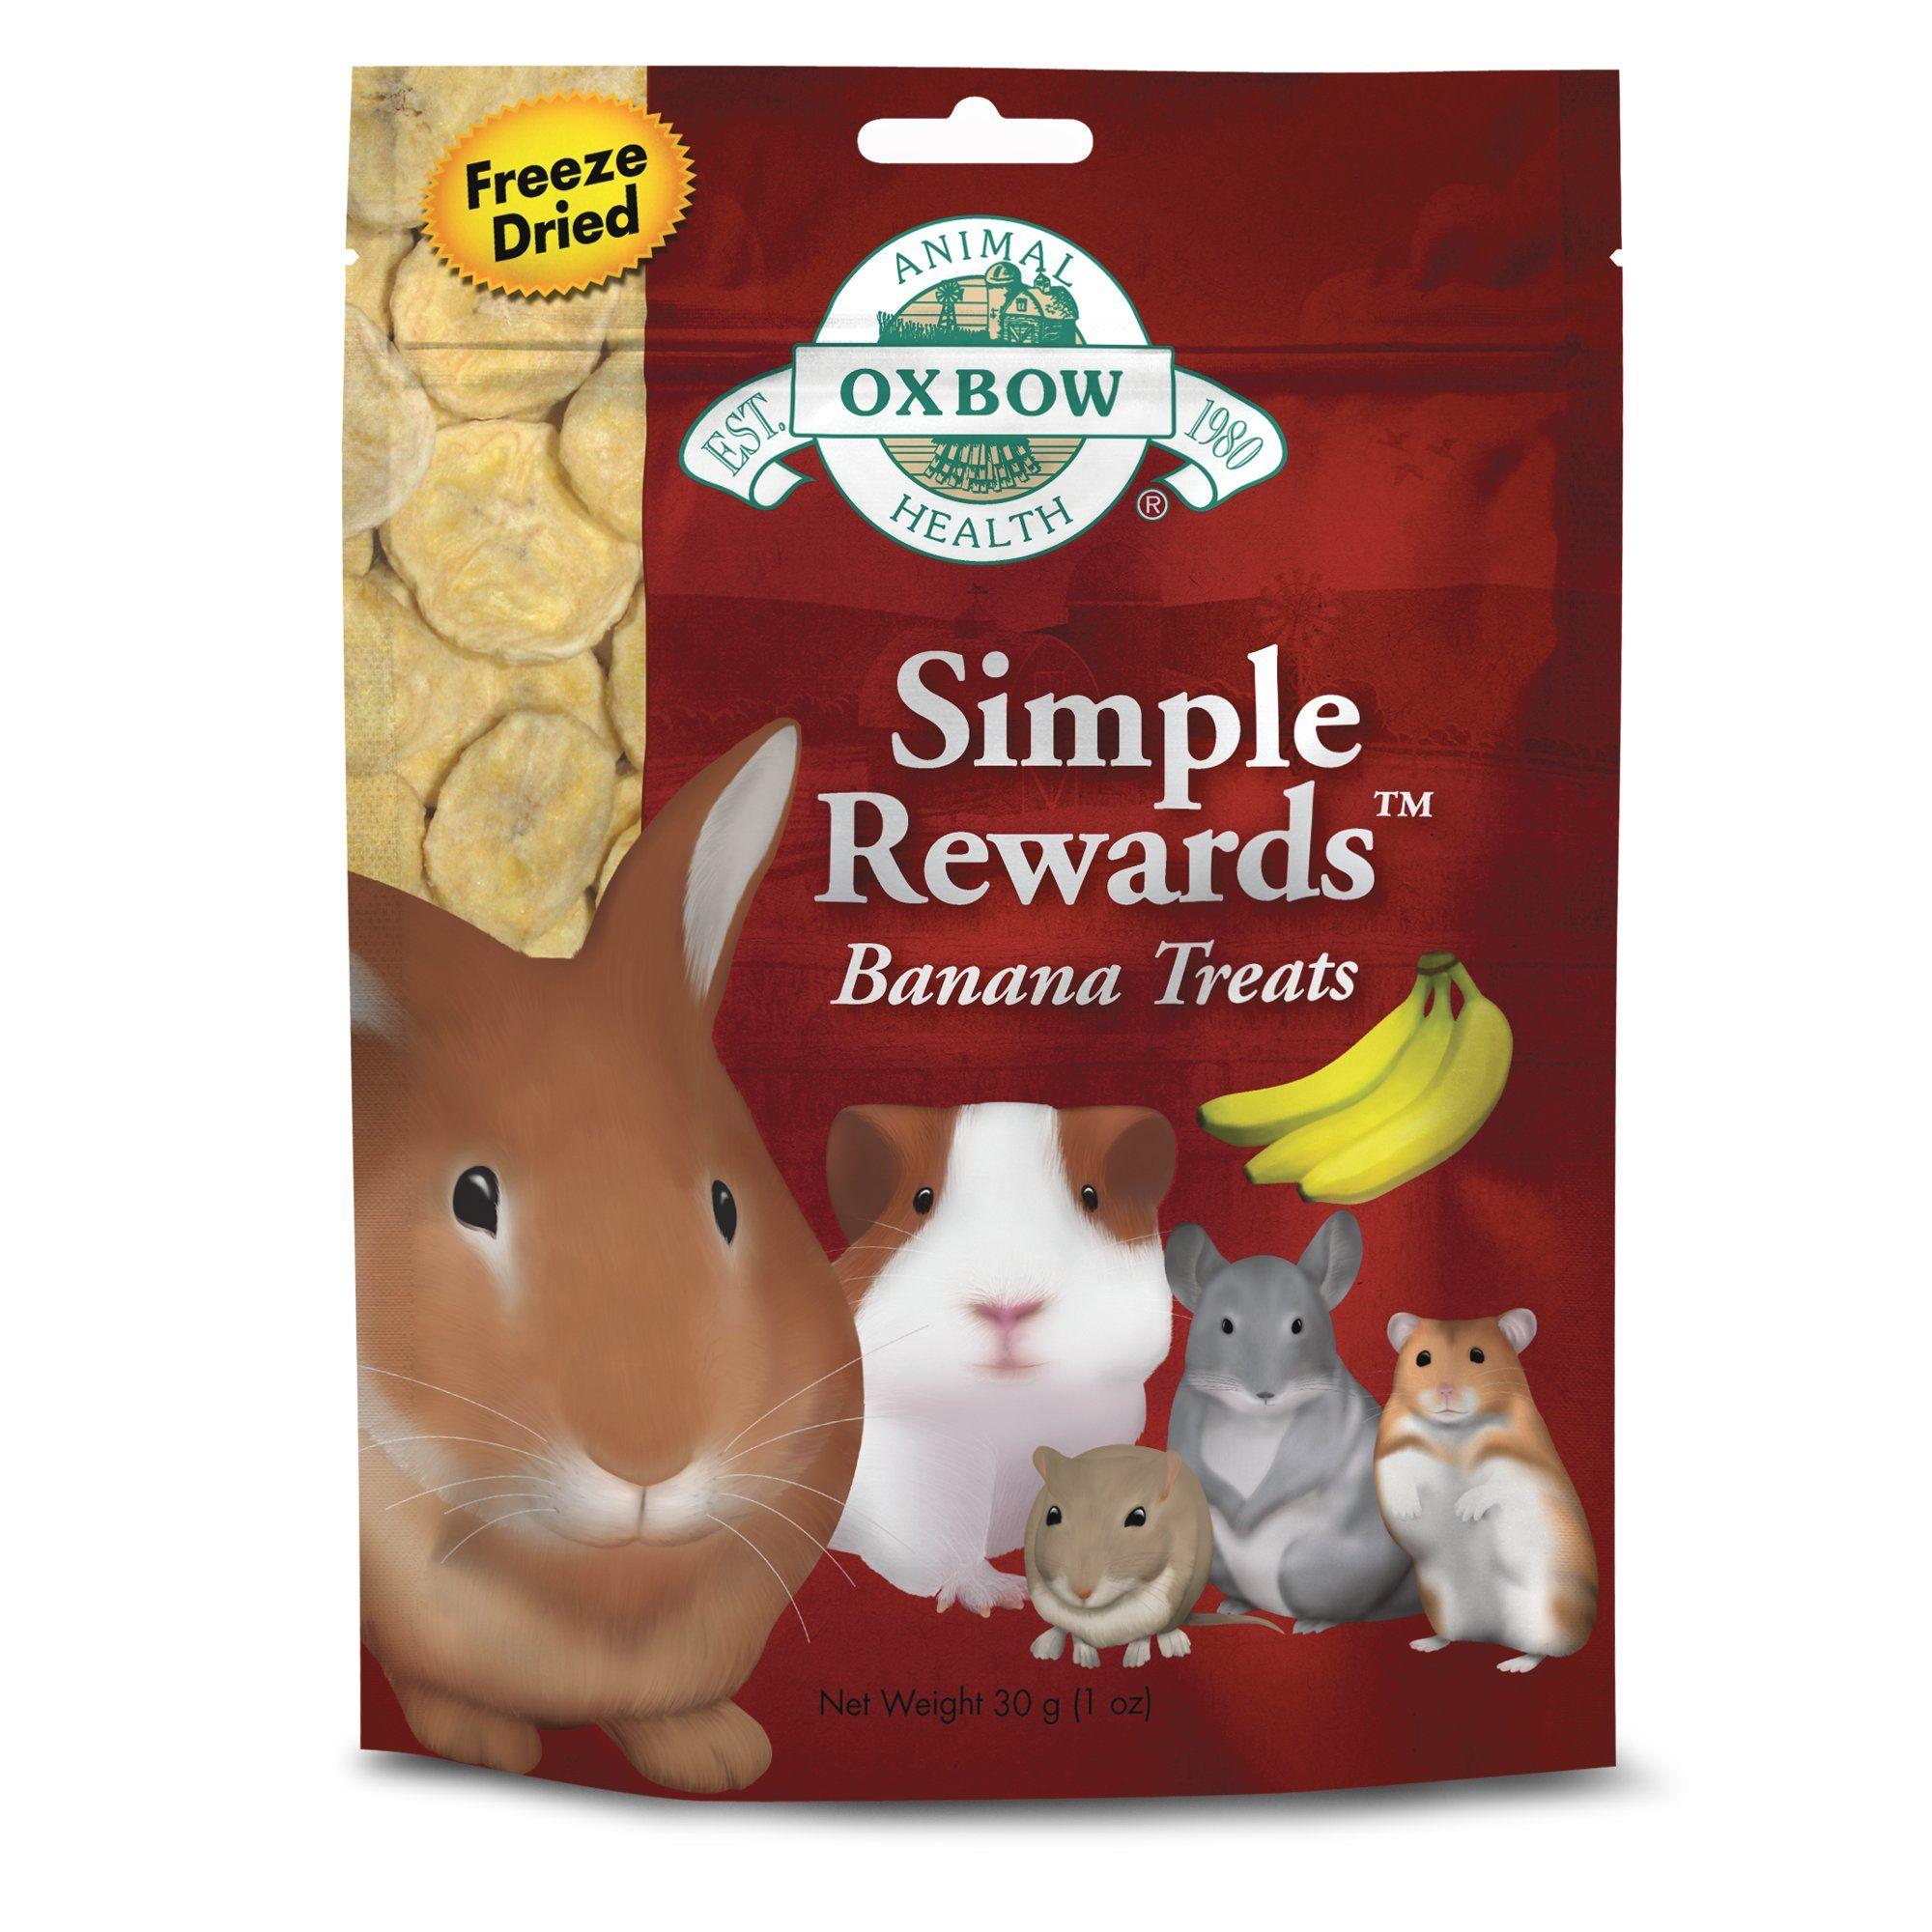 Oxbow Simple Rewards Banana Treat 1 Oz Pet Treats Banana Treats Pet Health